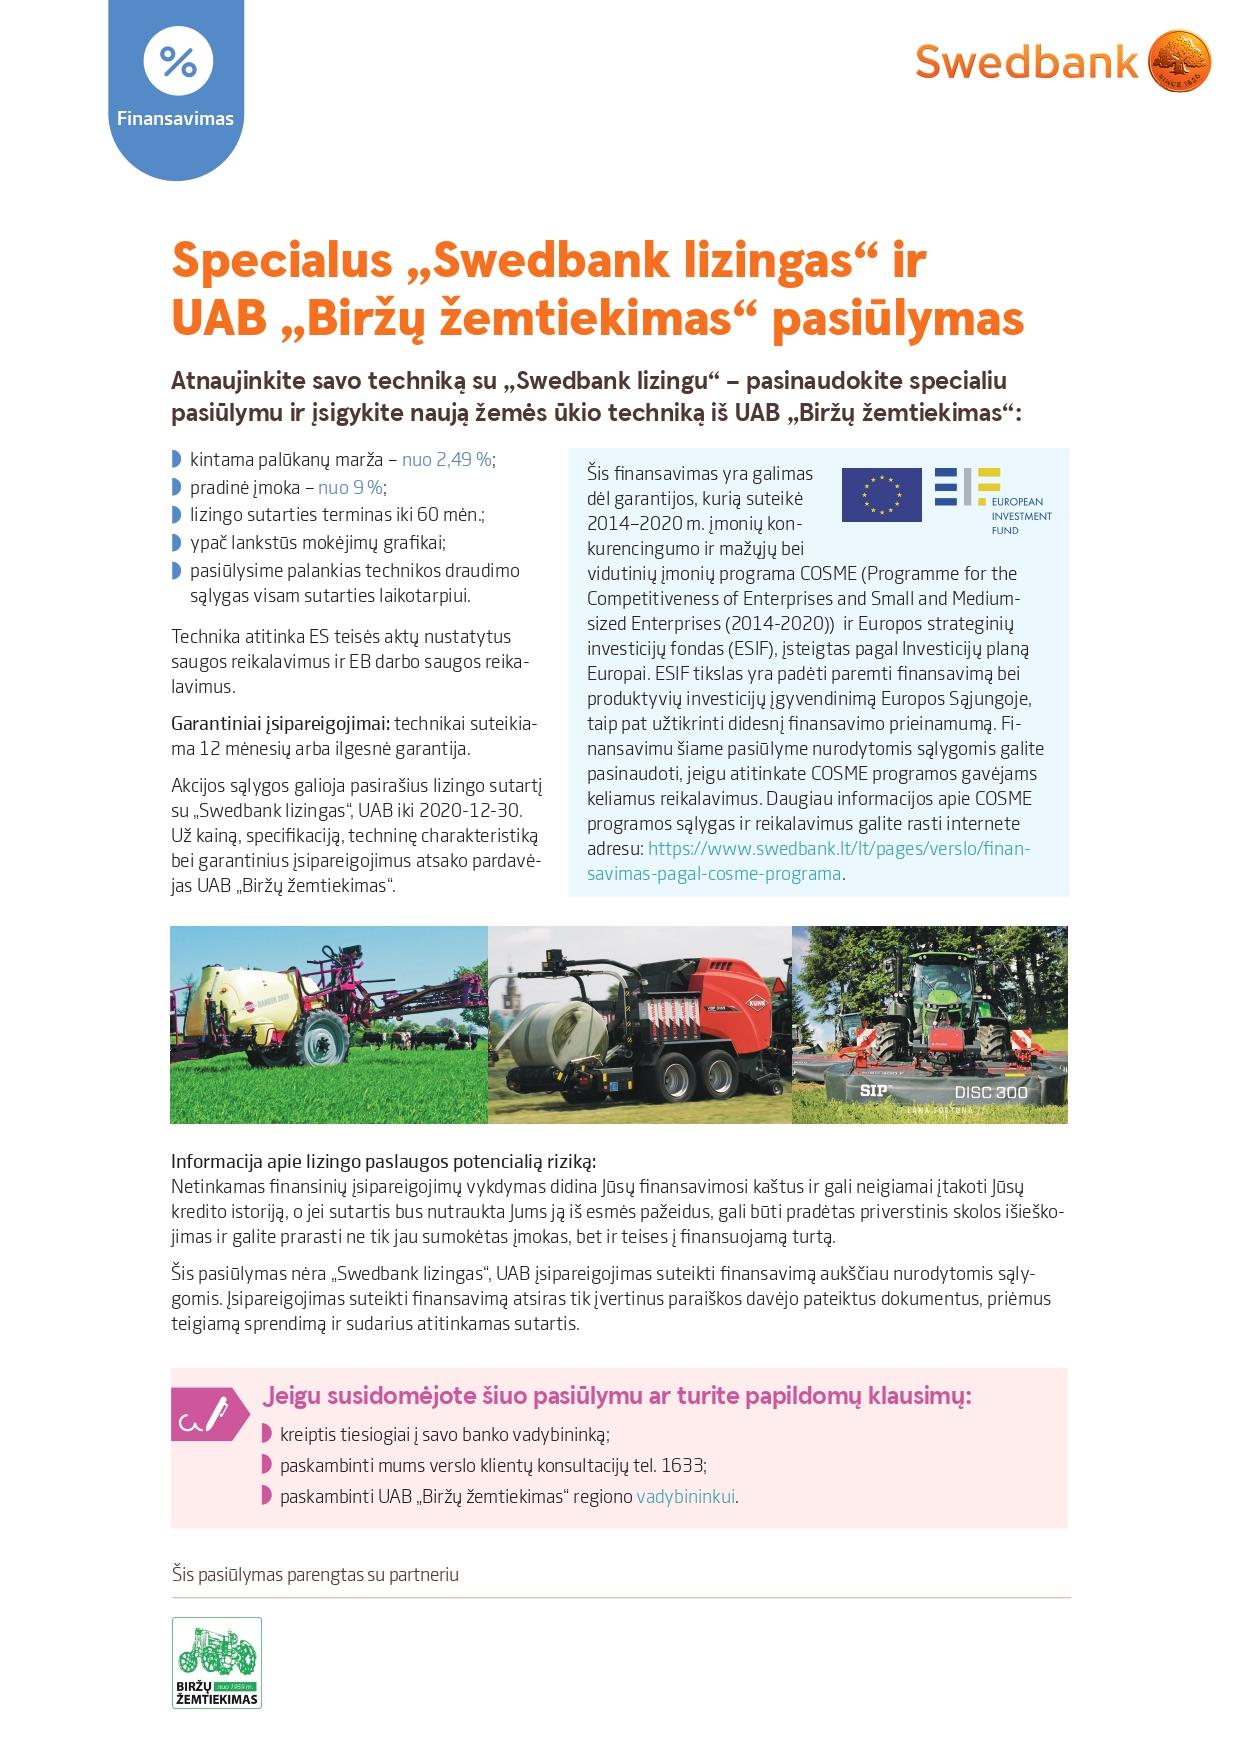 swedbank_2020_page-0001